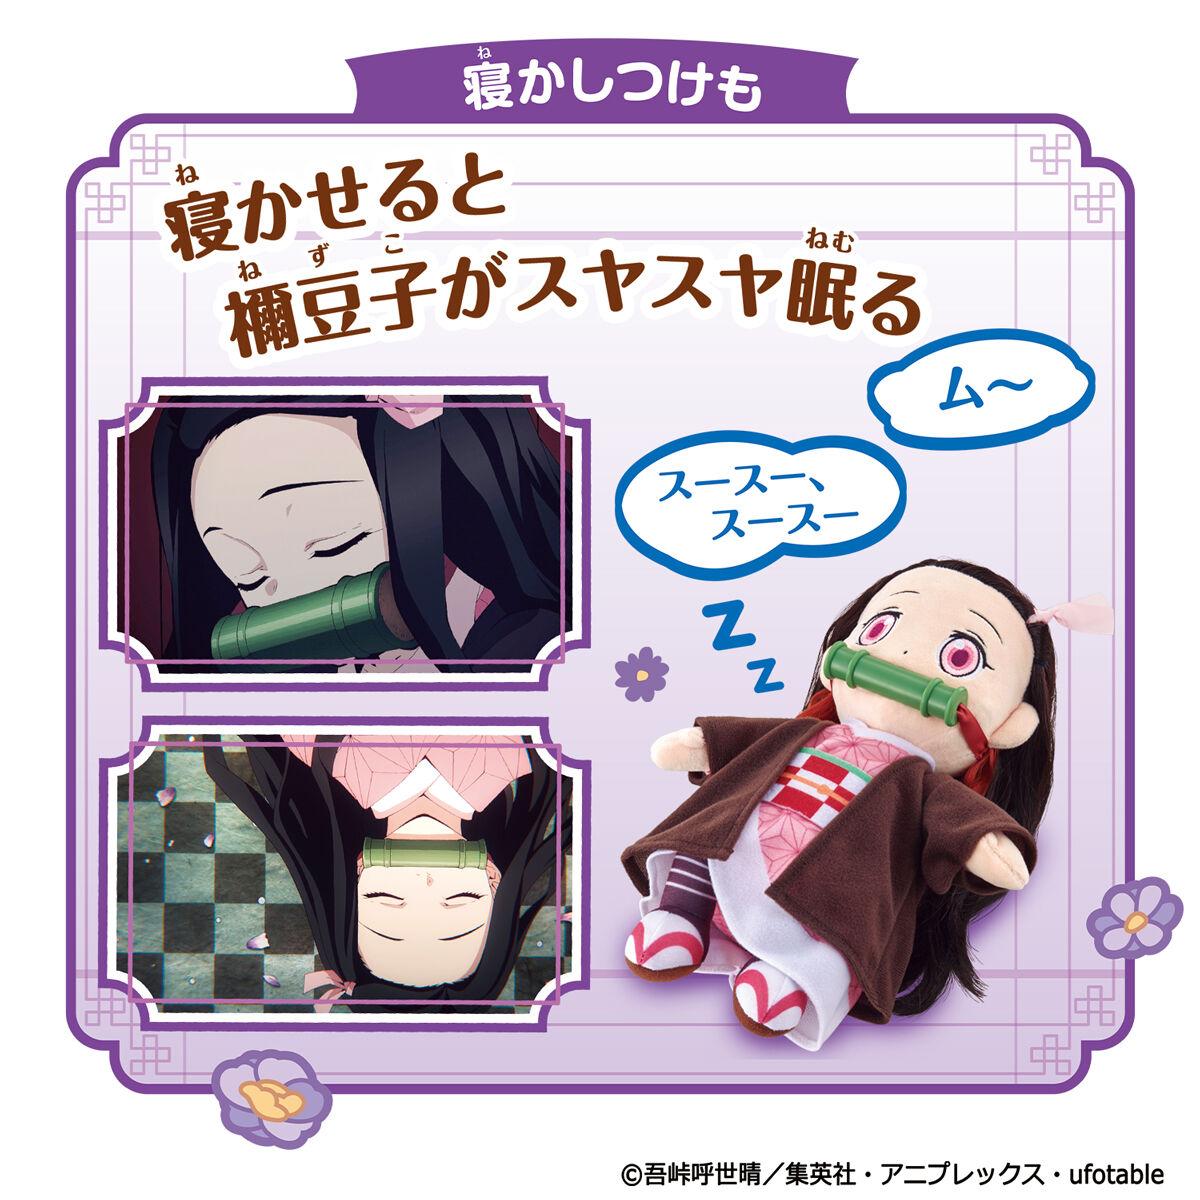 鬼滅の刃『ずっといっしょ おしゃべり禰豆子』ぬいぐるみ-006